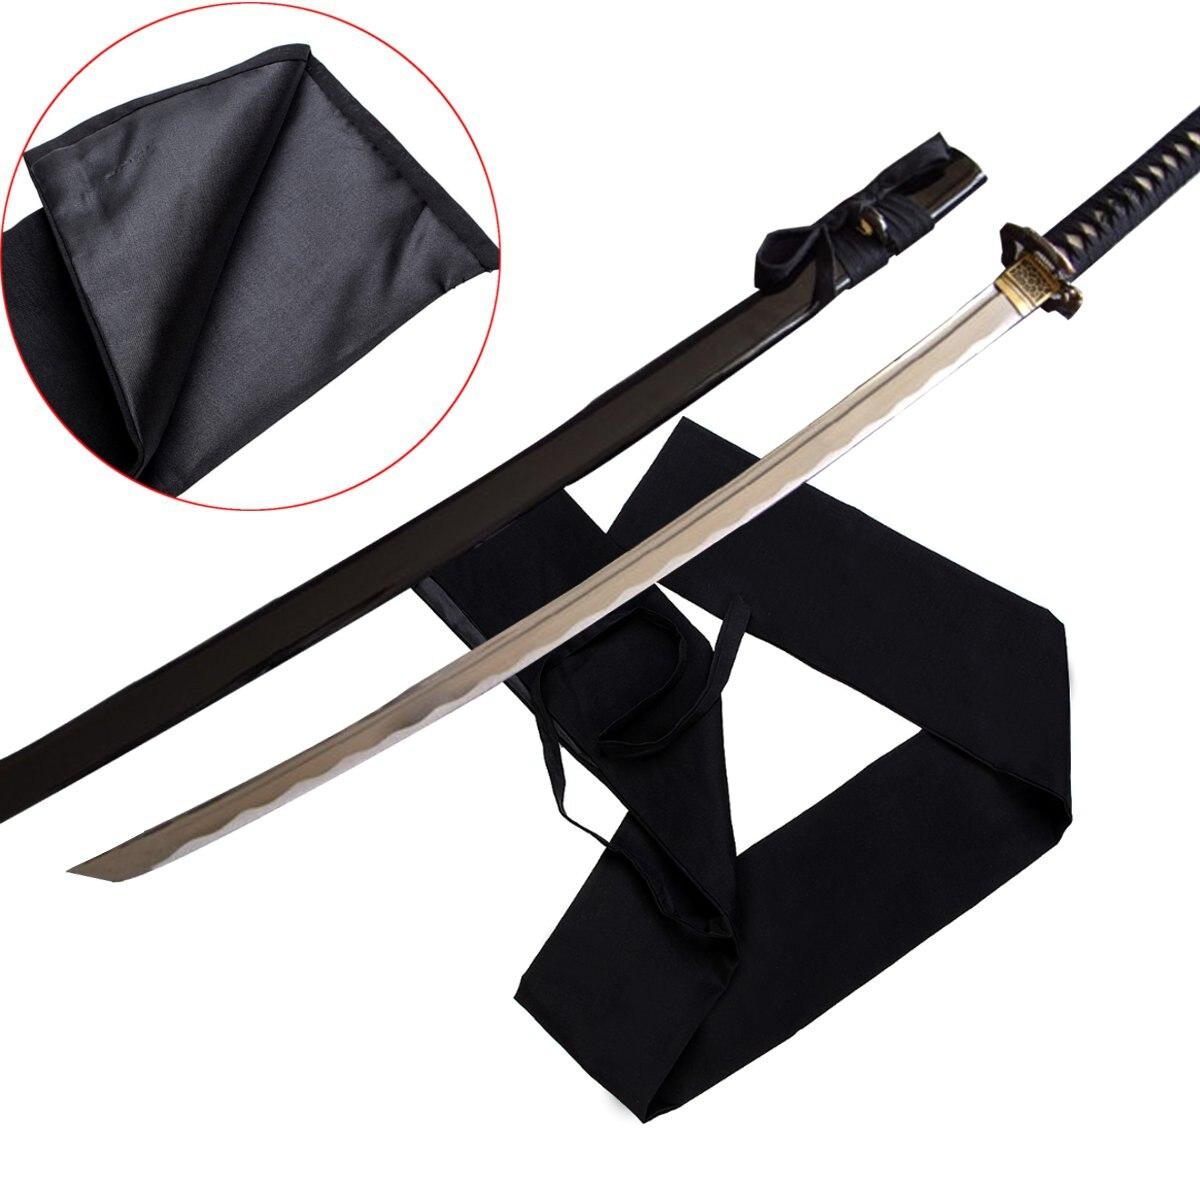 Черный японский самурайский меч нож Катана хлопок внешняя крышка большой длинный размер 1,3 м японский меч сумка мягкая оболочка